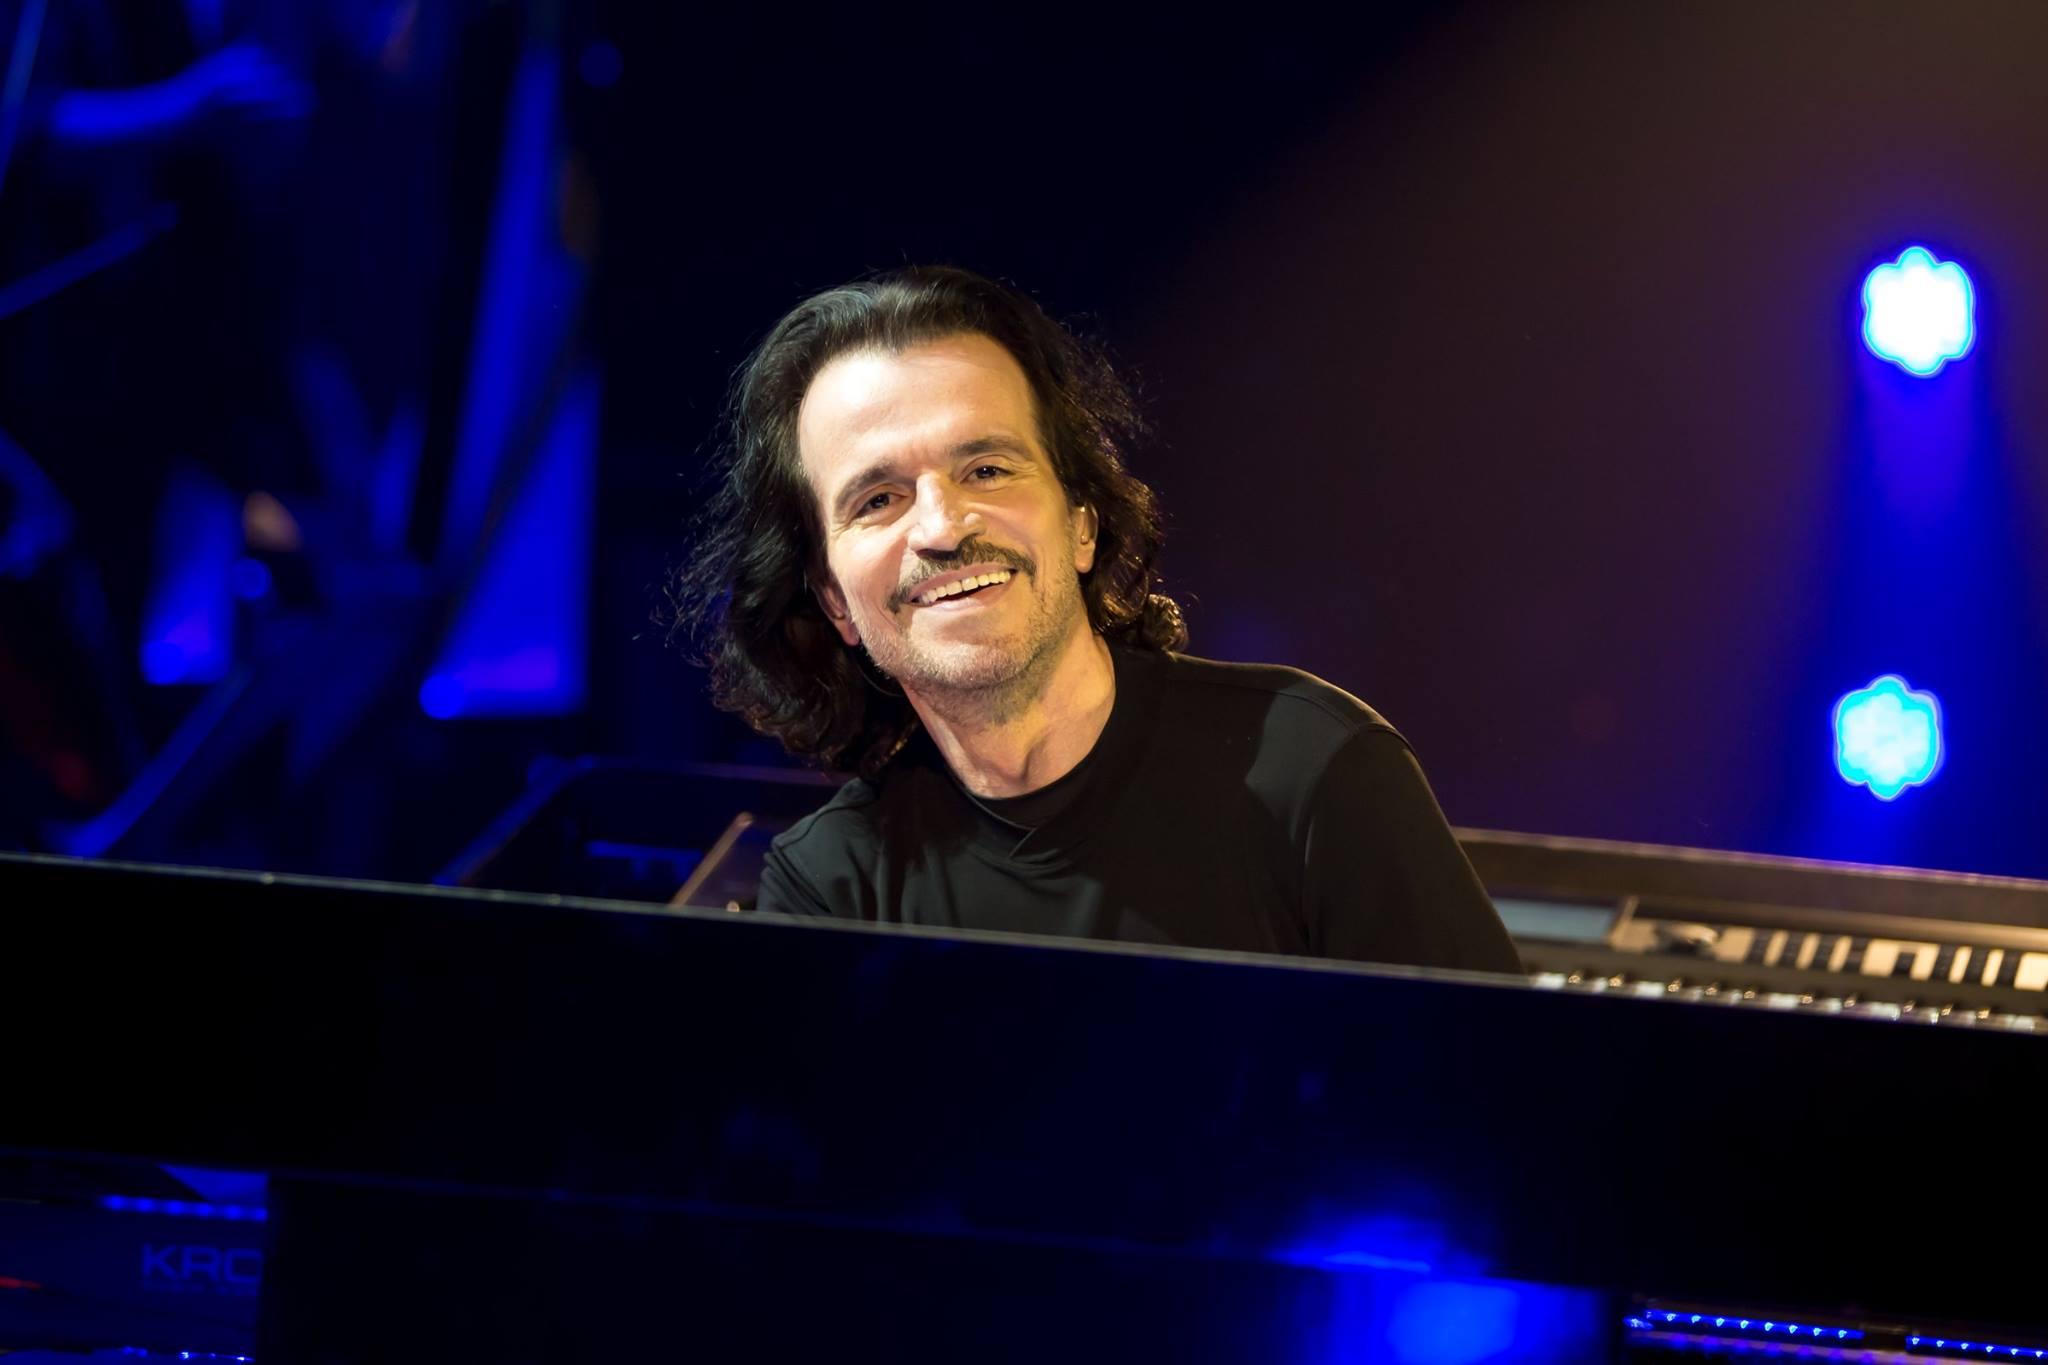 Yanni - الموسيقار ياني يعزف لأجل حلب وسيلينا